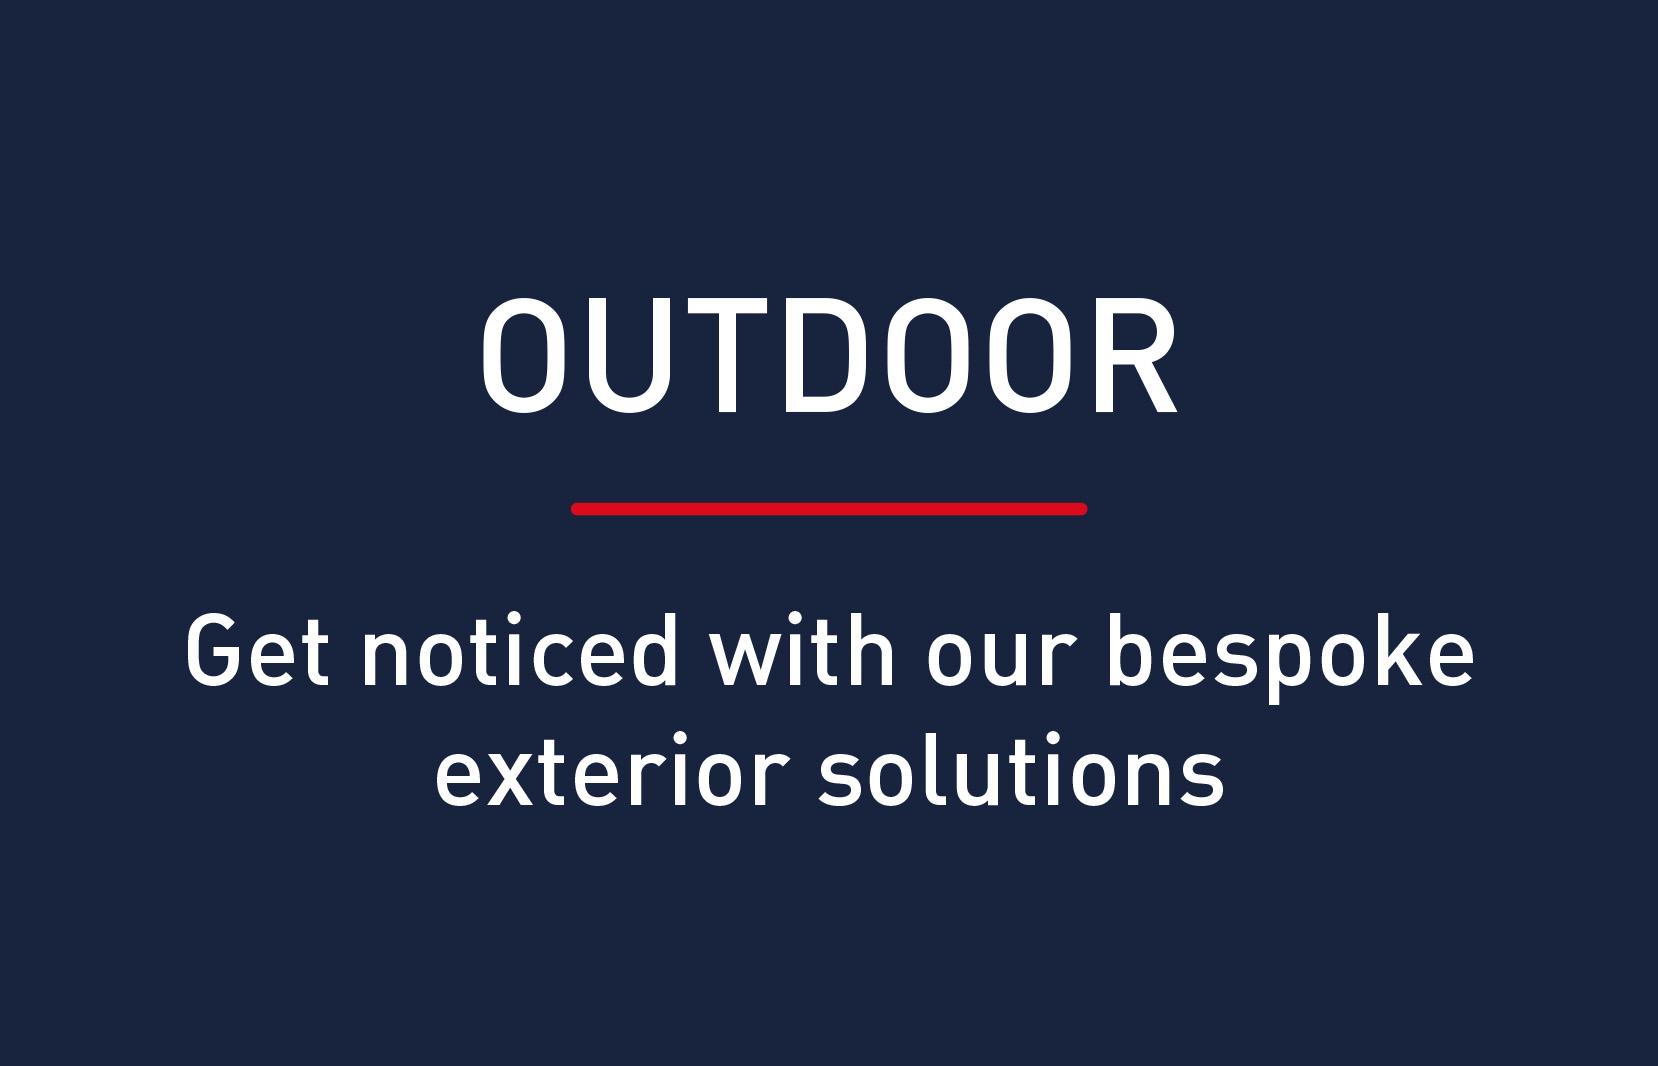 btn_outdoor